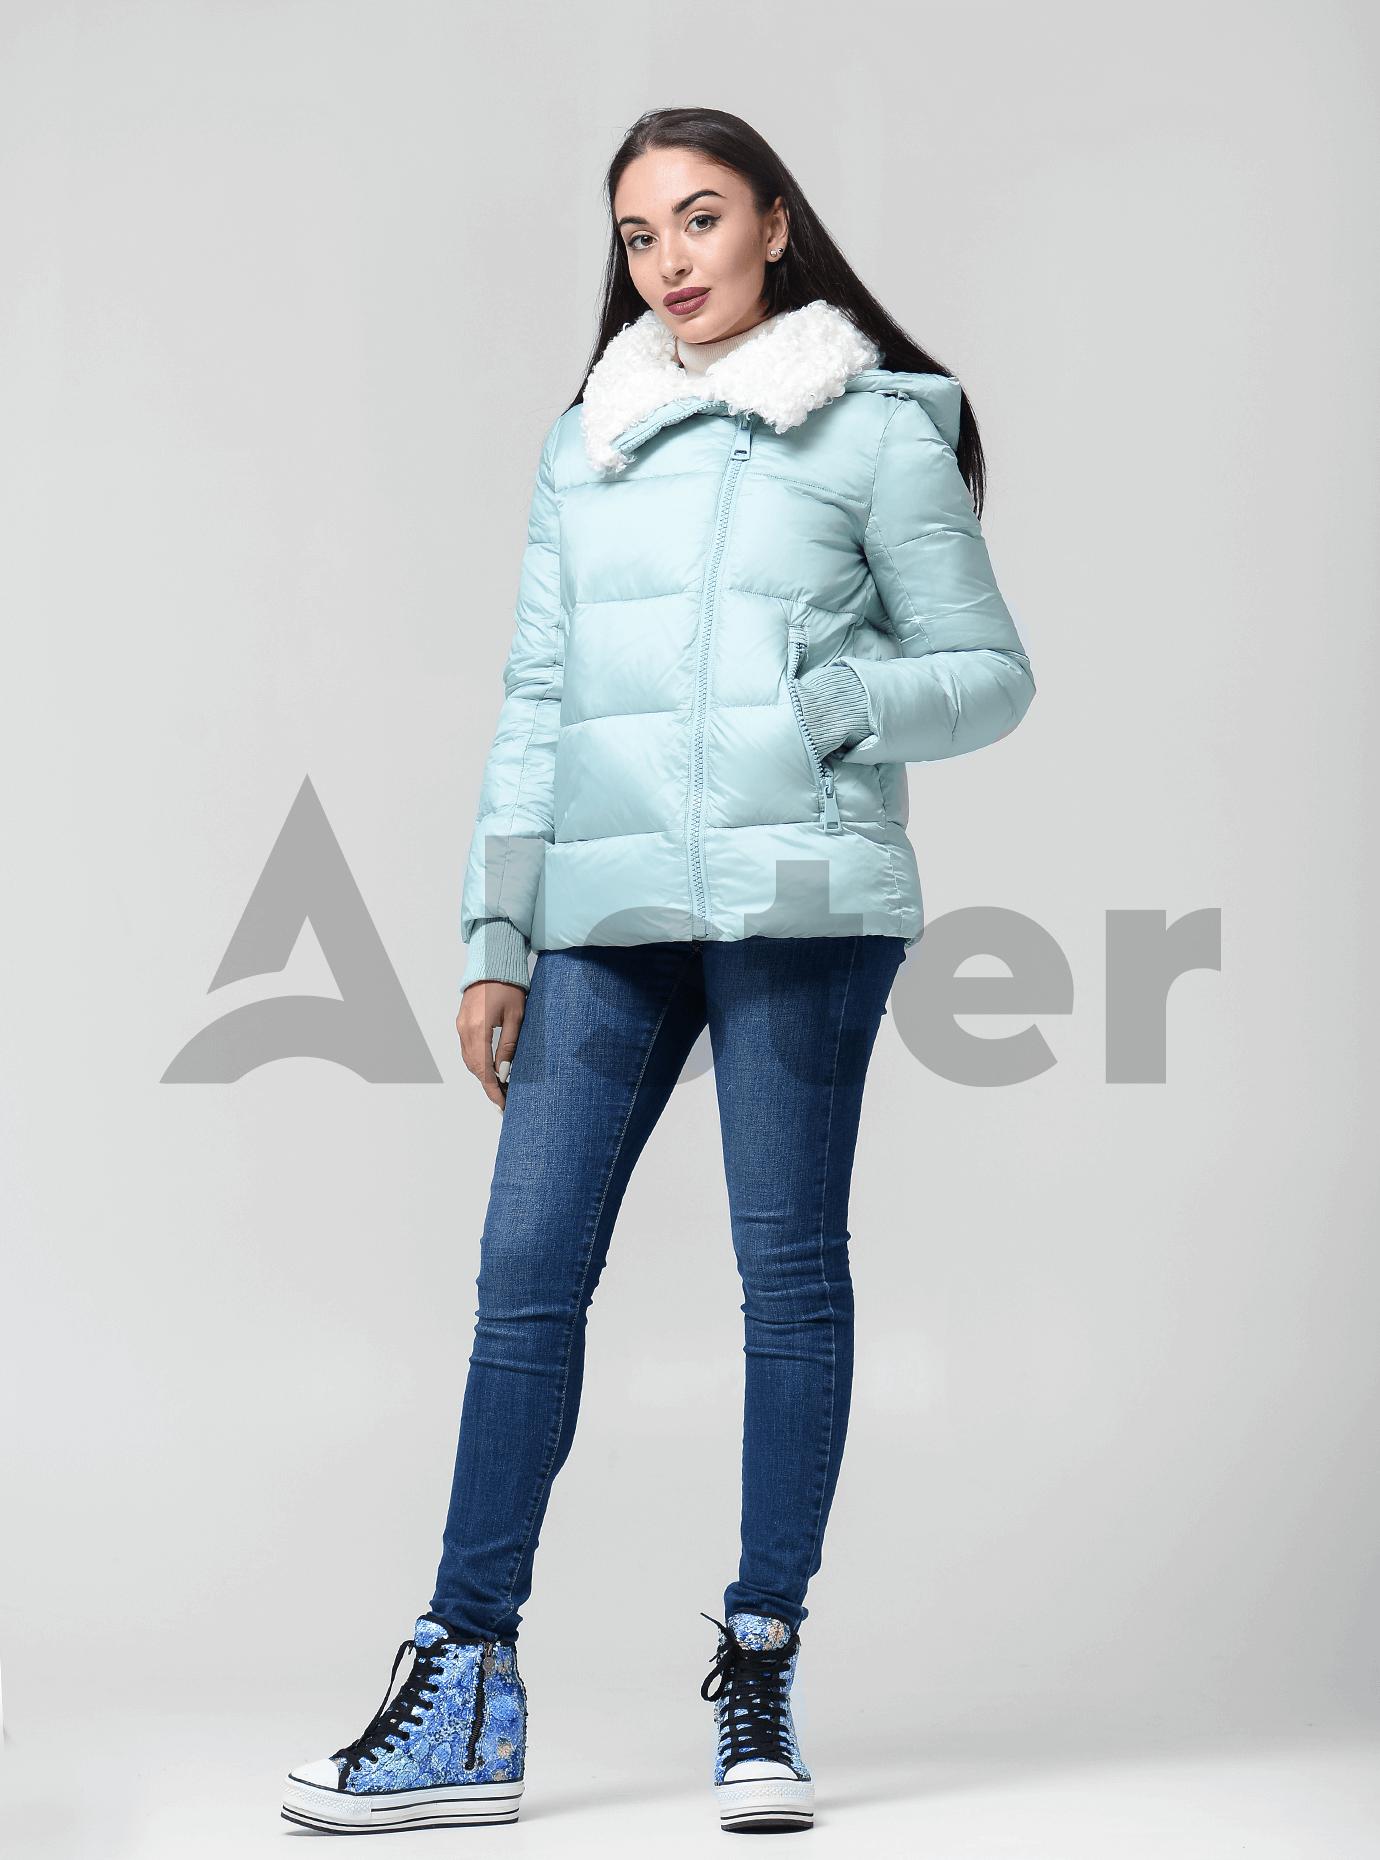 Куртка женская зимняя с искусственным мехом Голубой L (02-4644): фото - Alster.ua